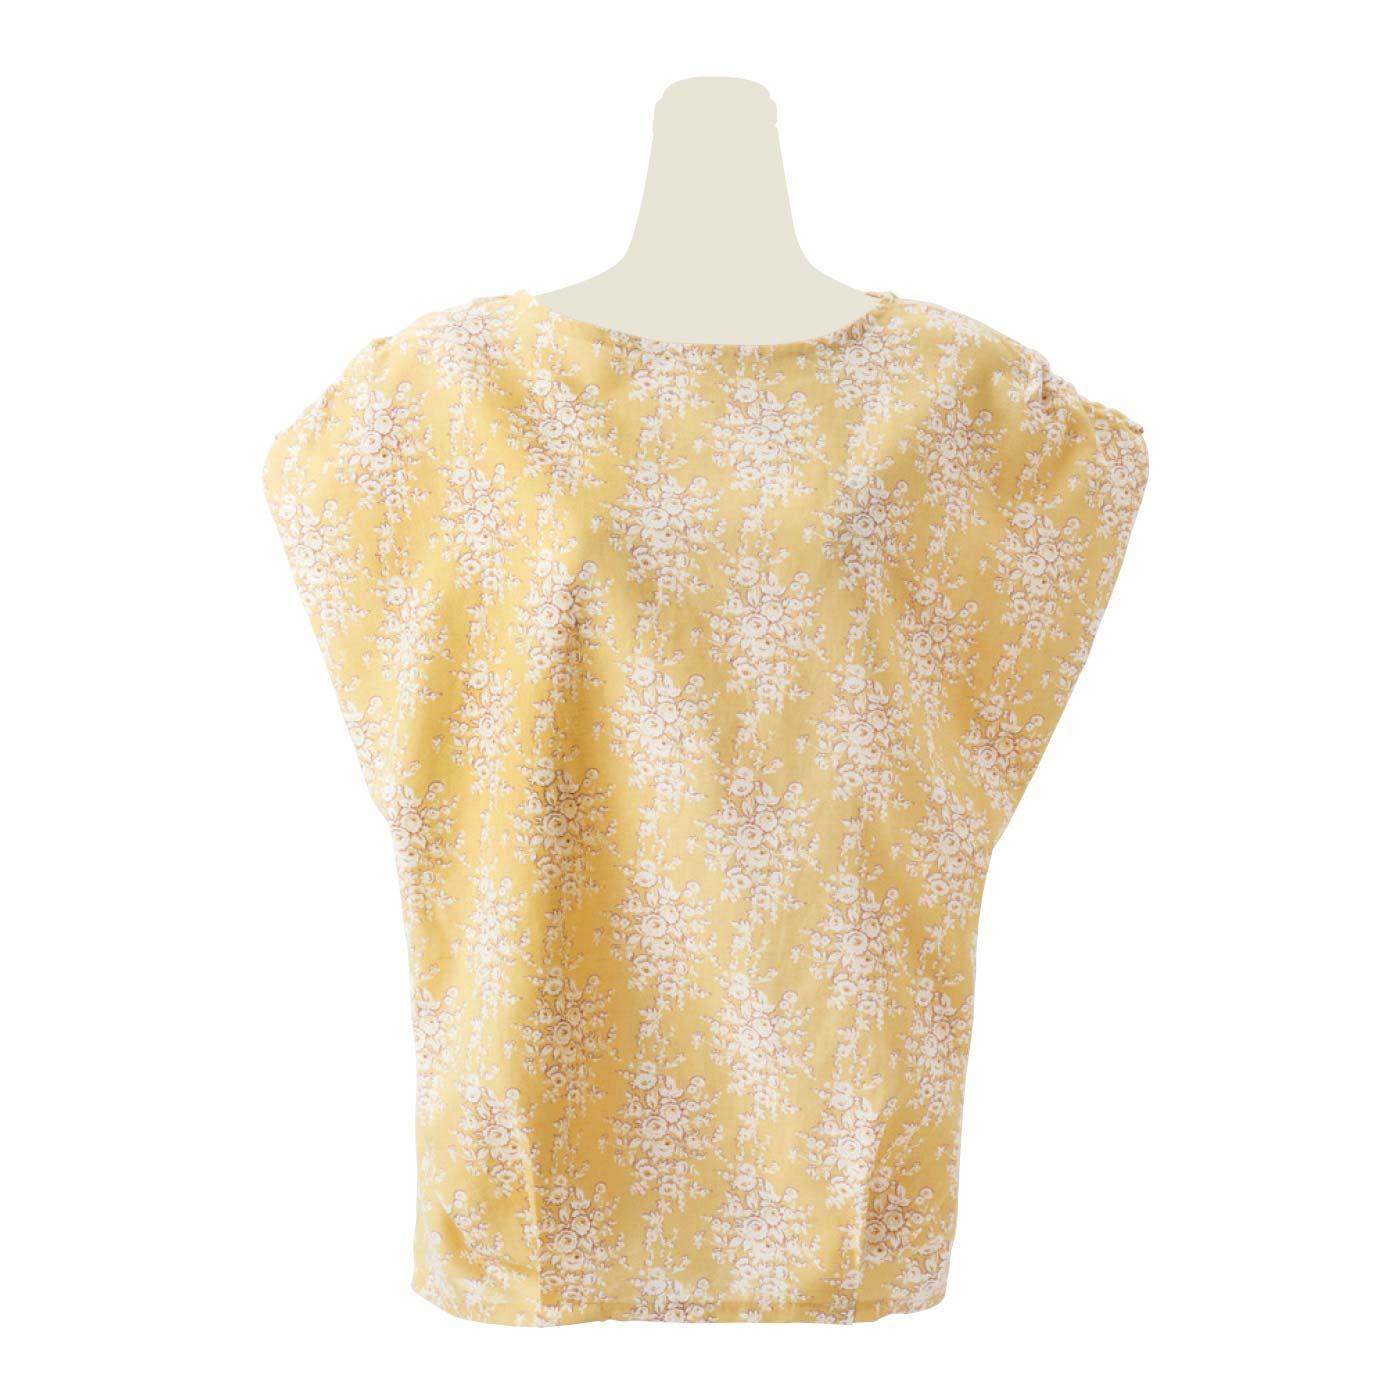 フランスのアンティークテキスタイルを復刻 涼しげ綿麻美シルエットなトップスの会